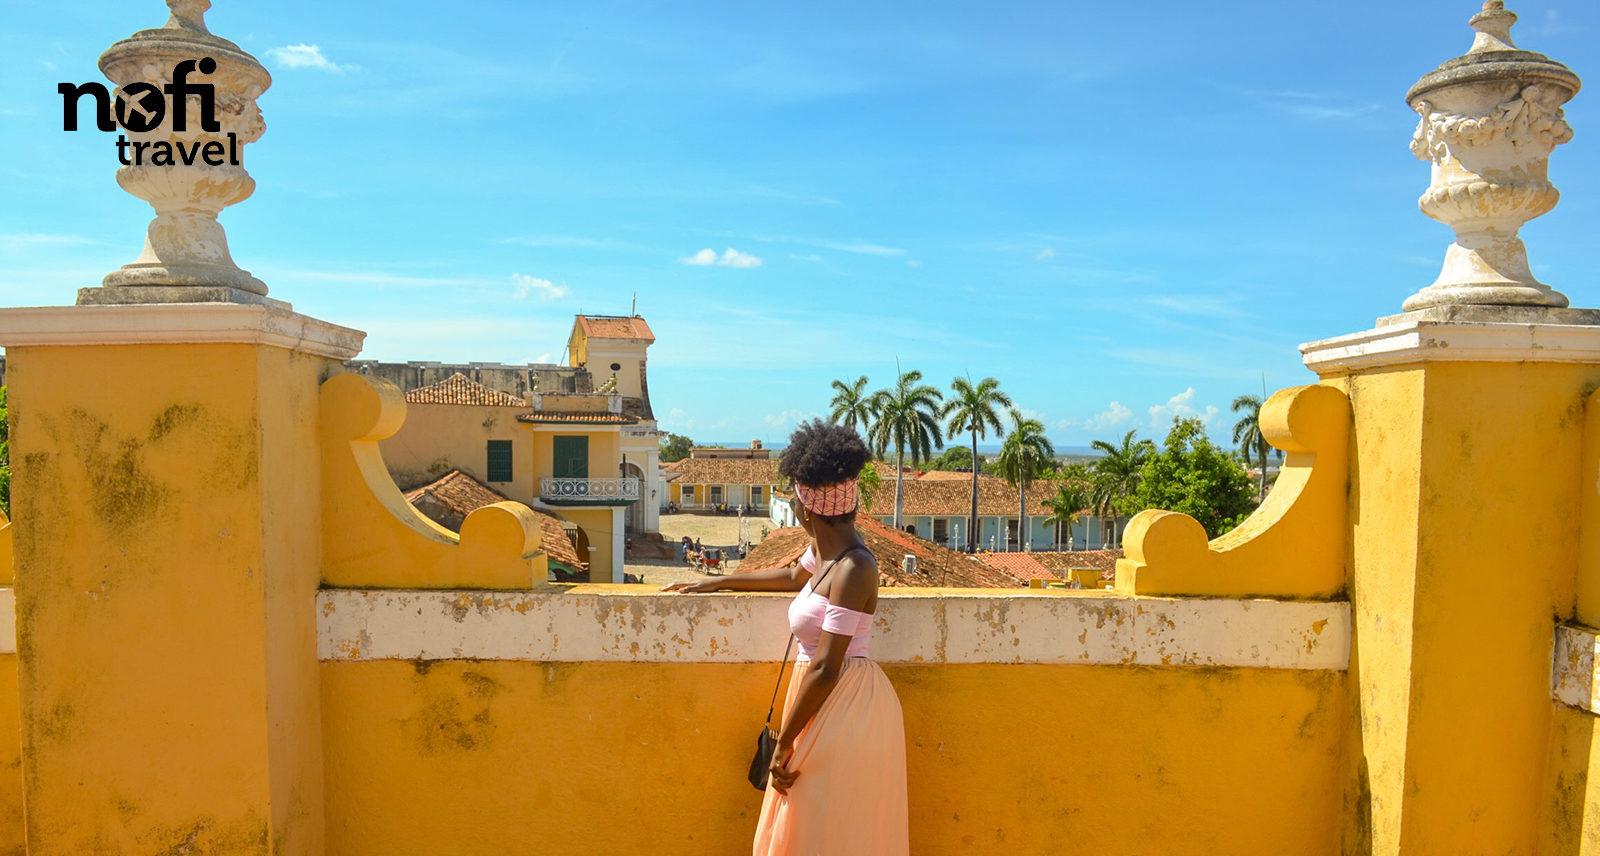 Nofi TRAVEL #5 [CUBA] étape 2:  la sérénissime Viñales et Trinidad la colorée